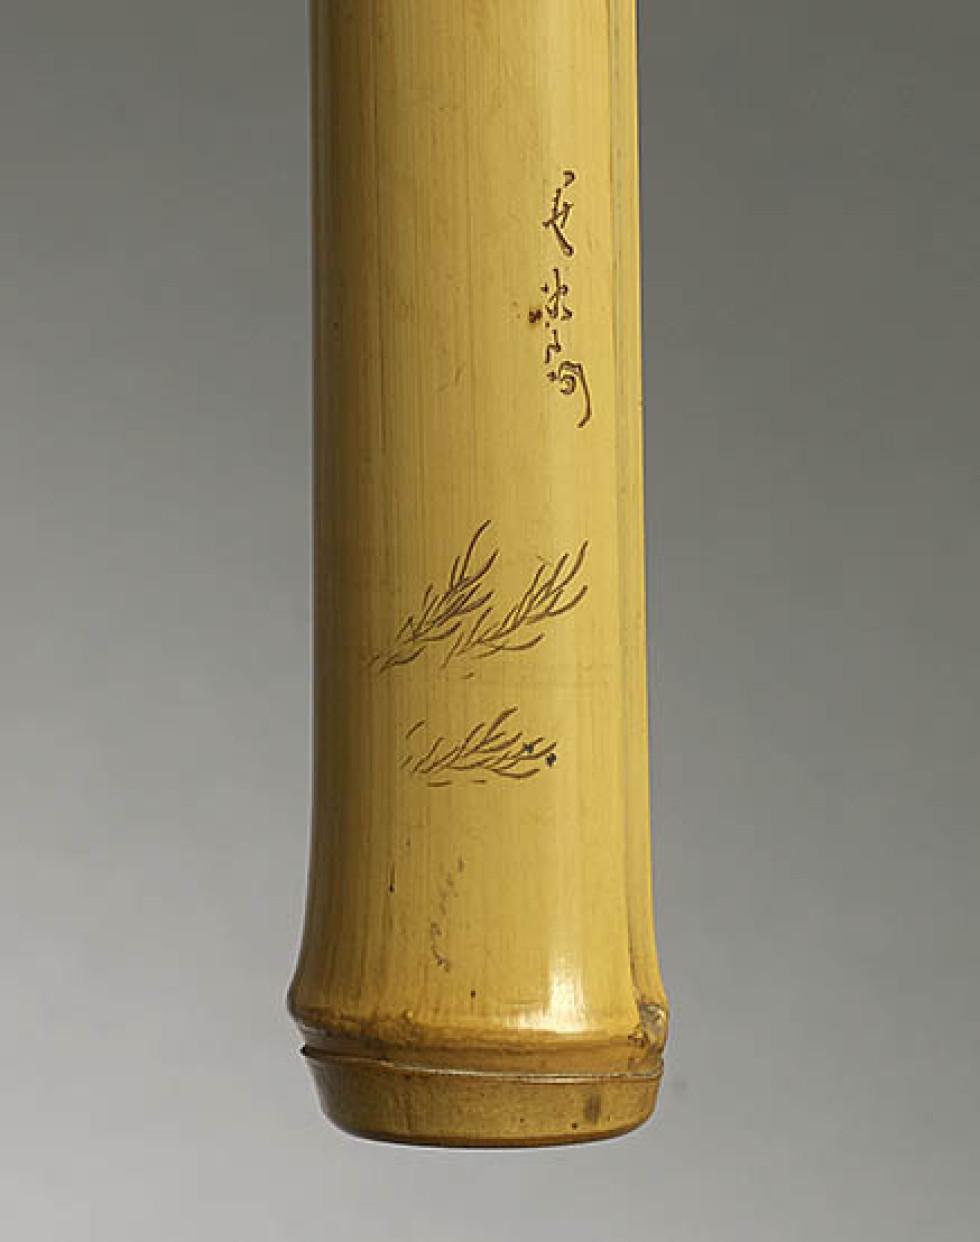 MR191 Signature